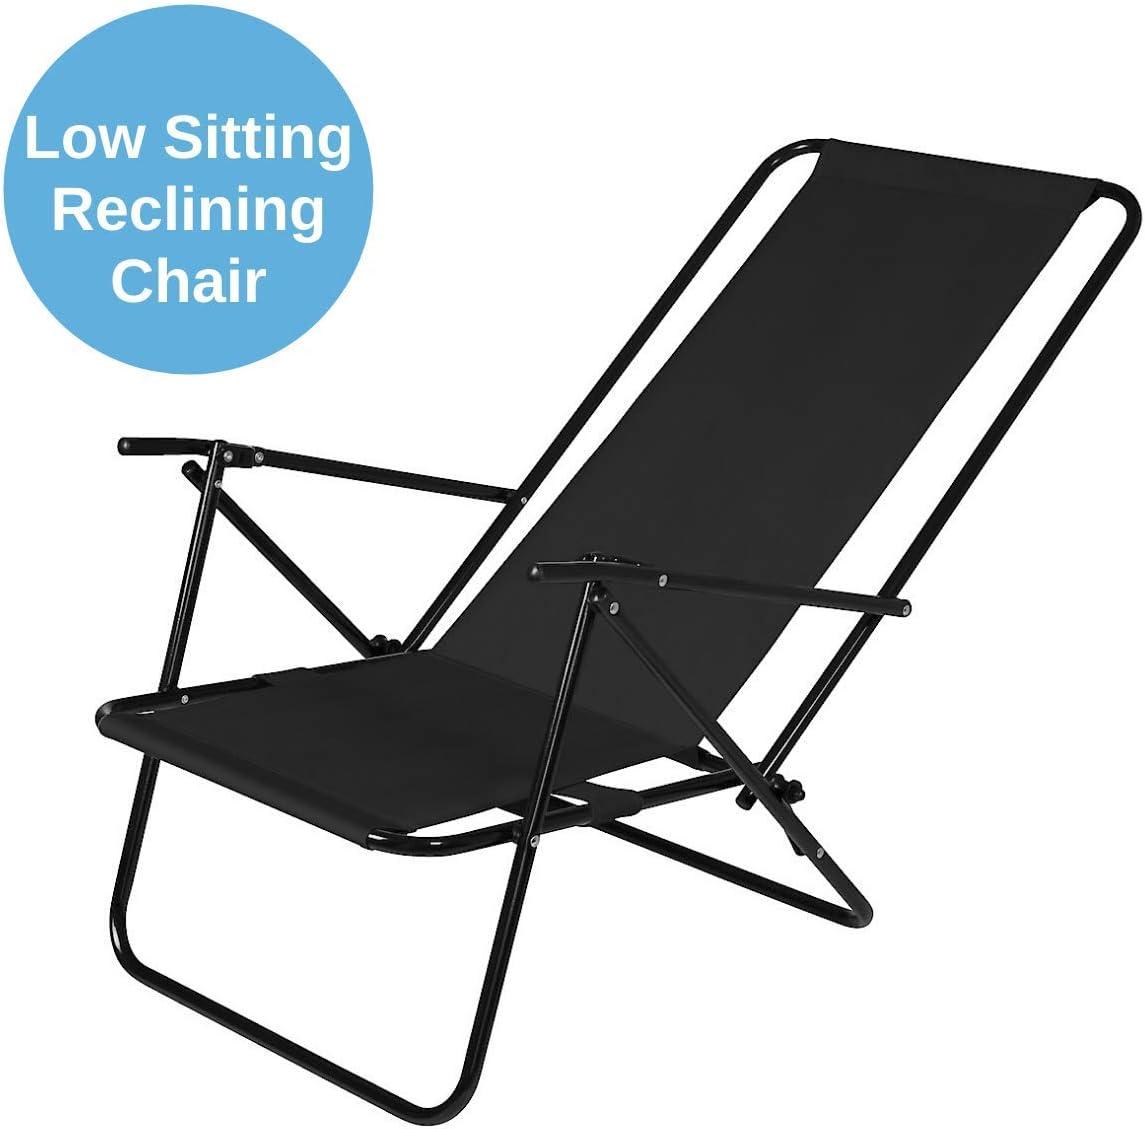 Beach Chair With Steel Frame Black Reclinable Garden Deck Chair Clas Ohlson Deck Chair Foldable Garden Outdoors Sunloungers Tennesseegreenac Com